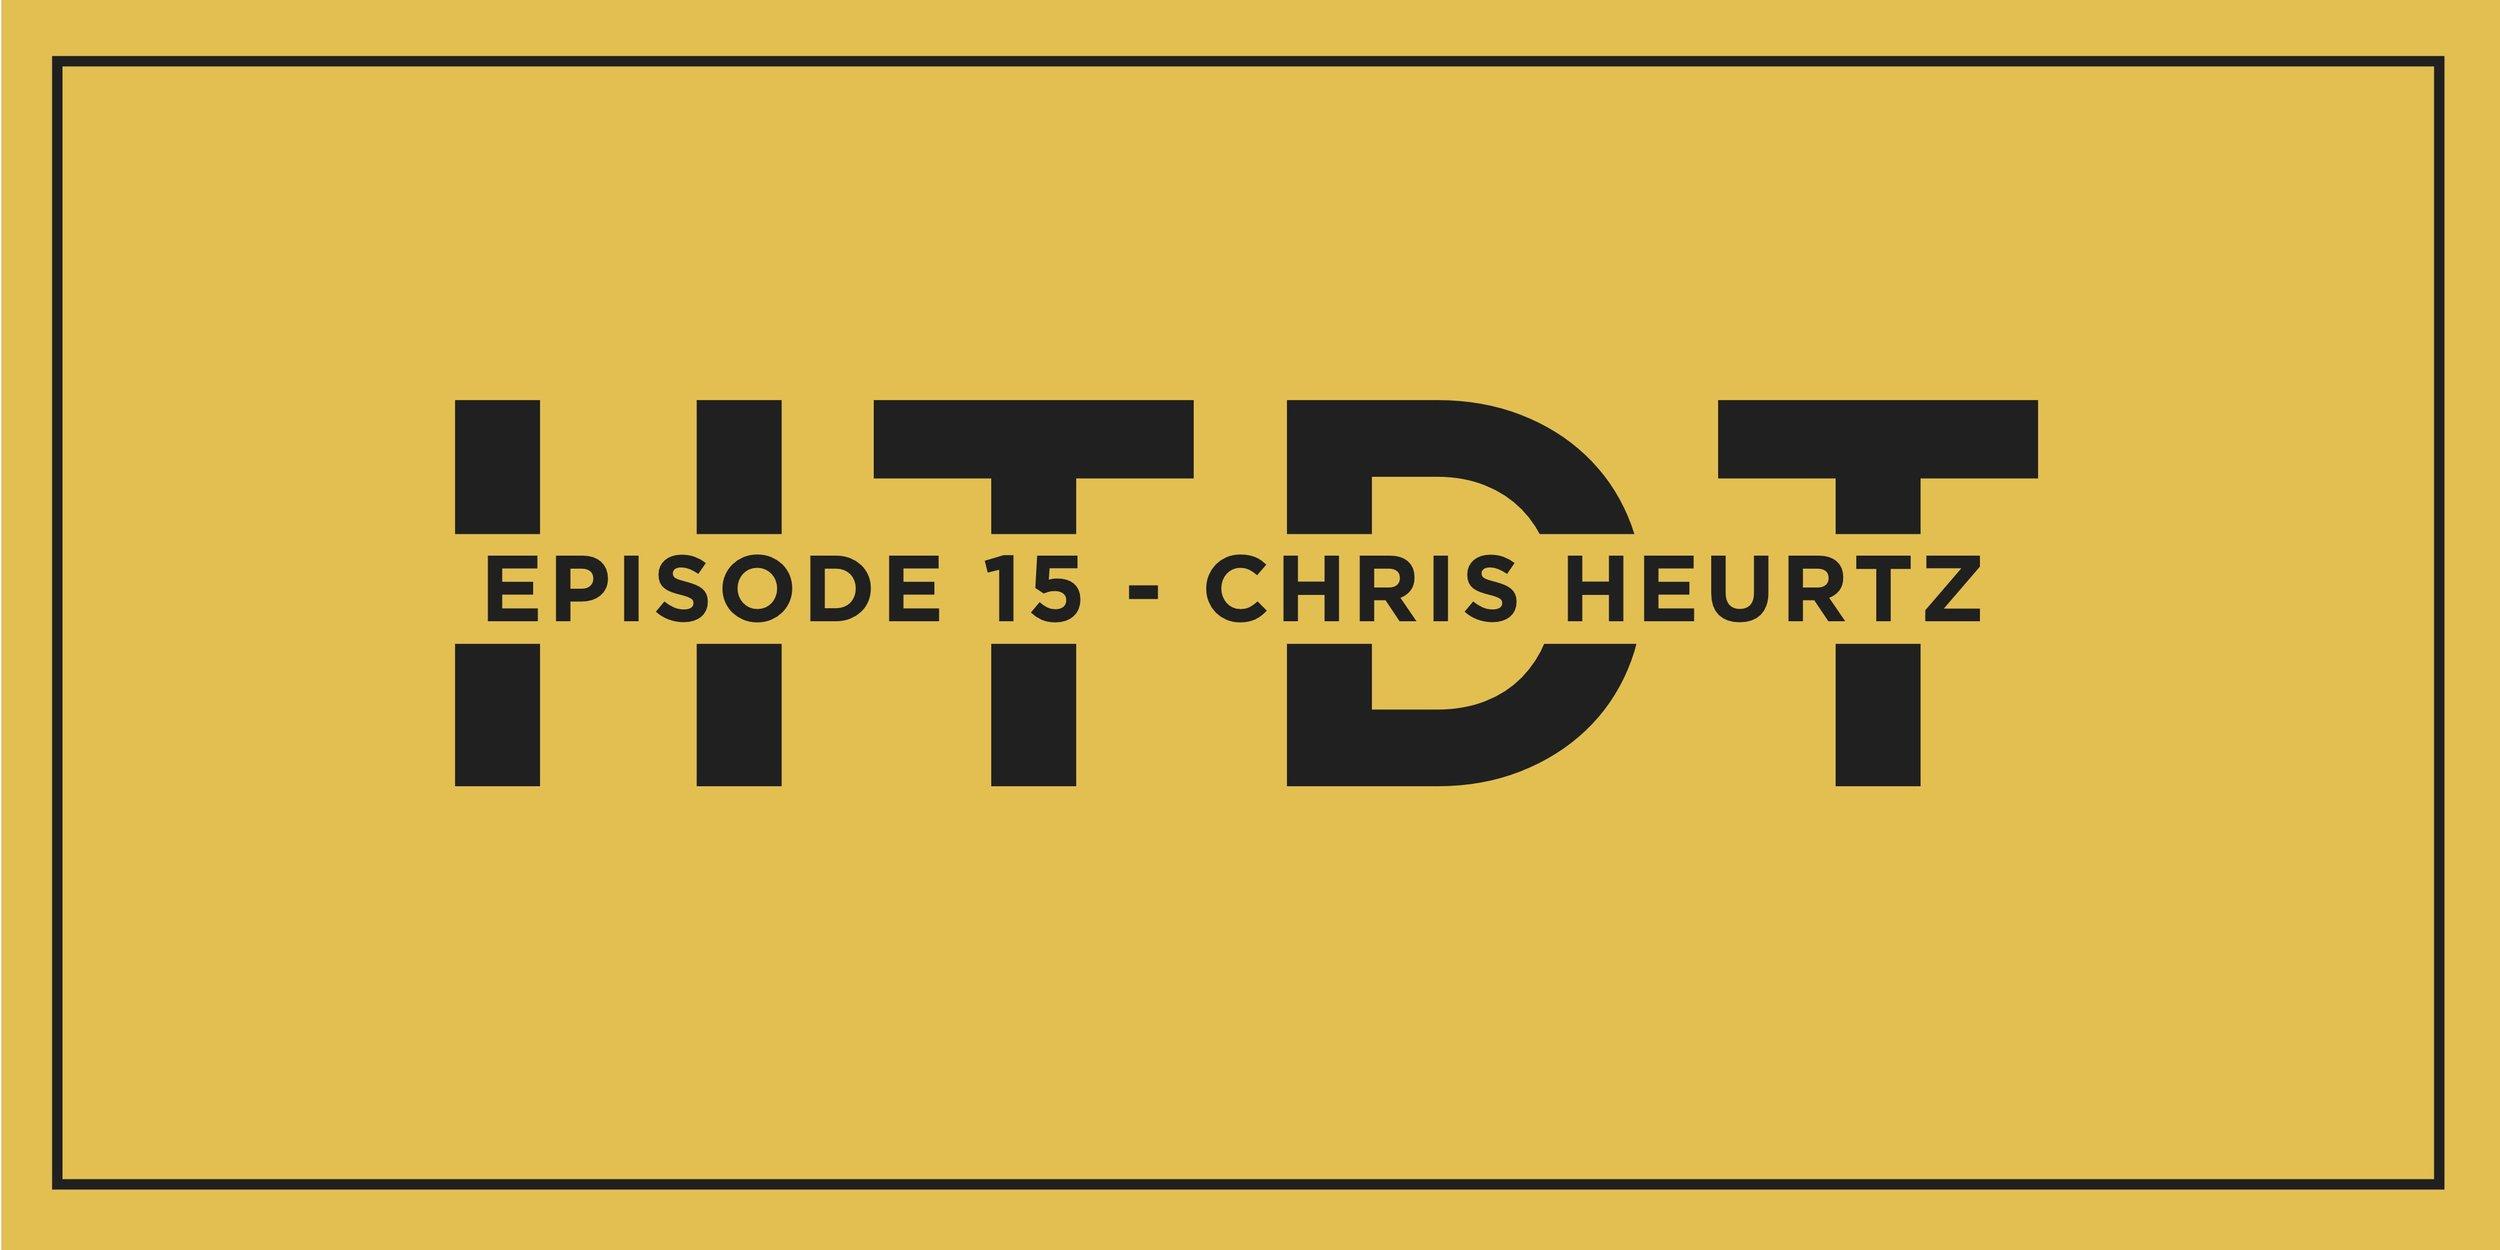 Episode 15 - Chris Heurtz5.jpg